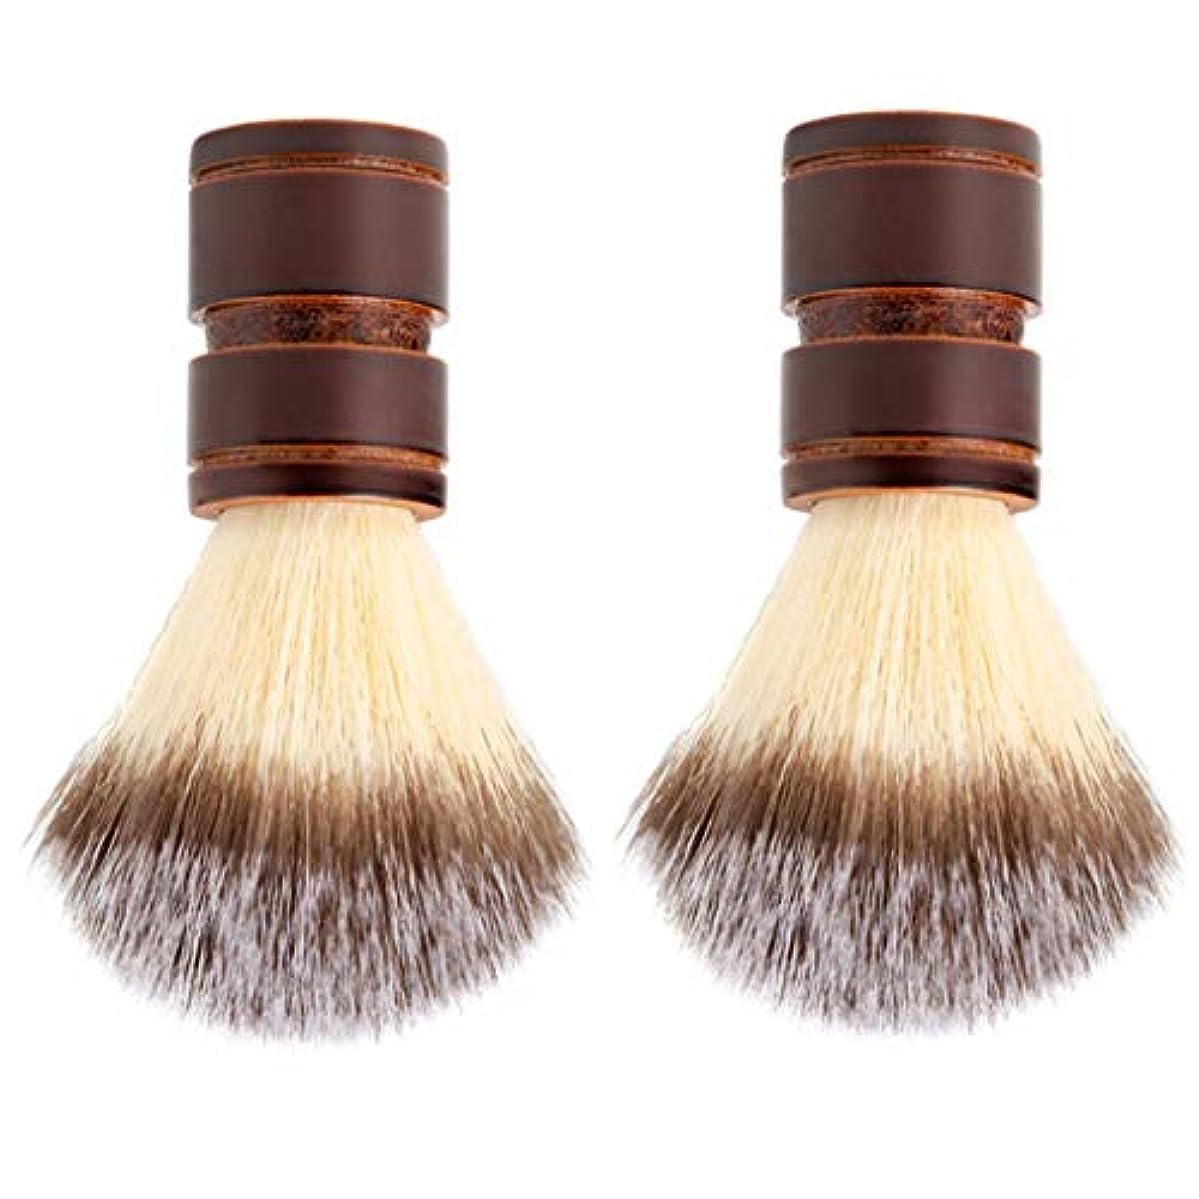 不完全トリプル電話dailymall 木のハンドルが付いている2xナイロン毛の剃るブラシ個人的な専門の剃る